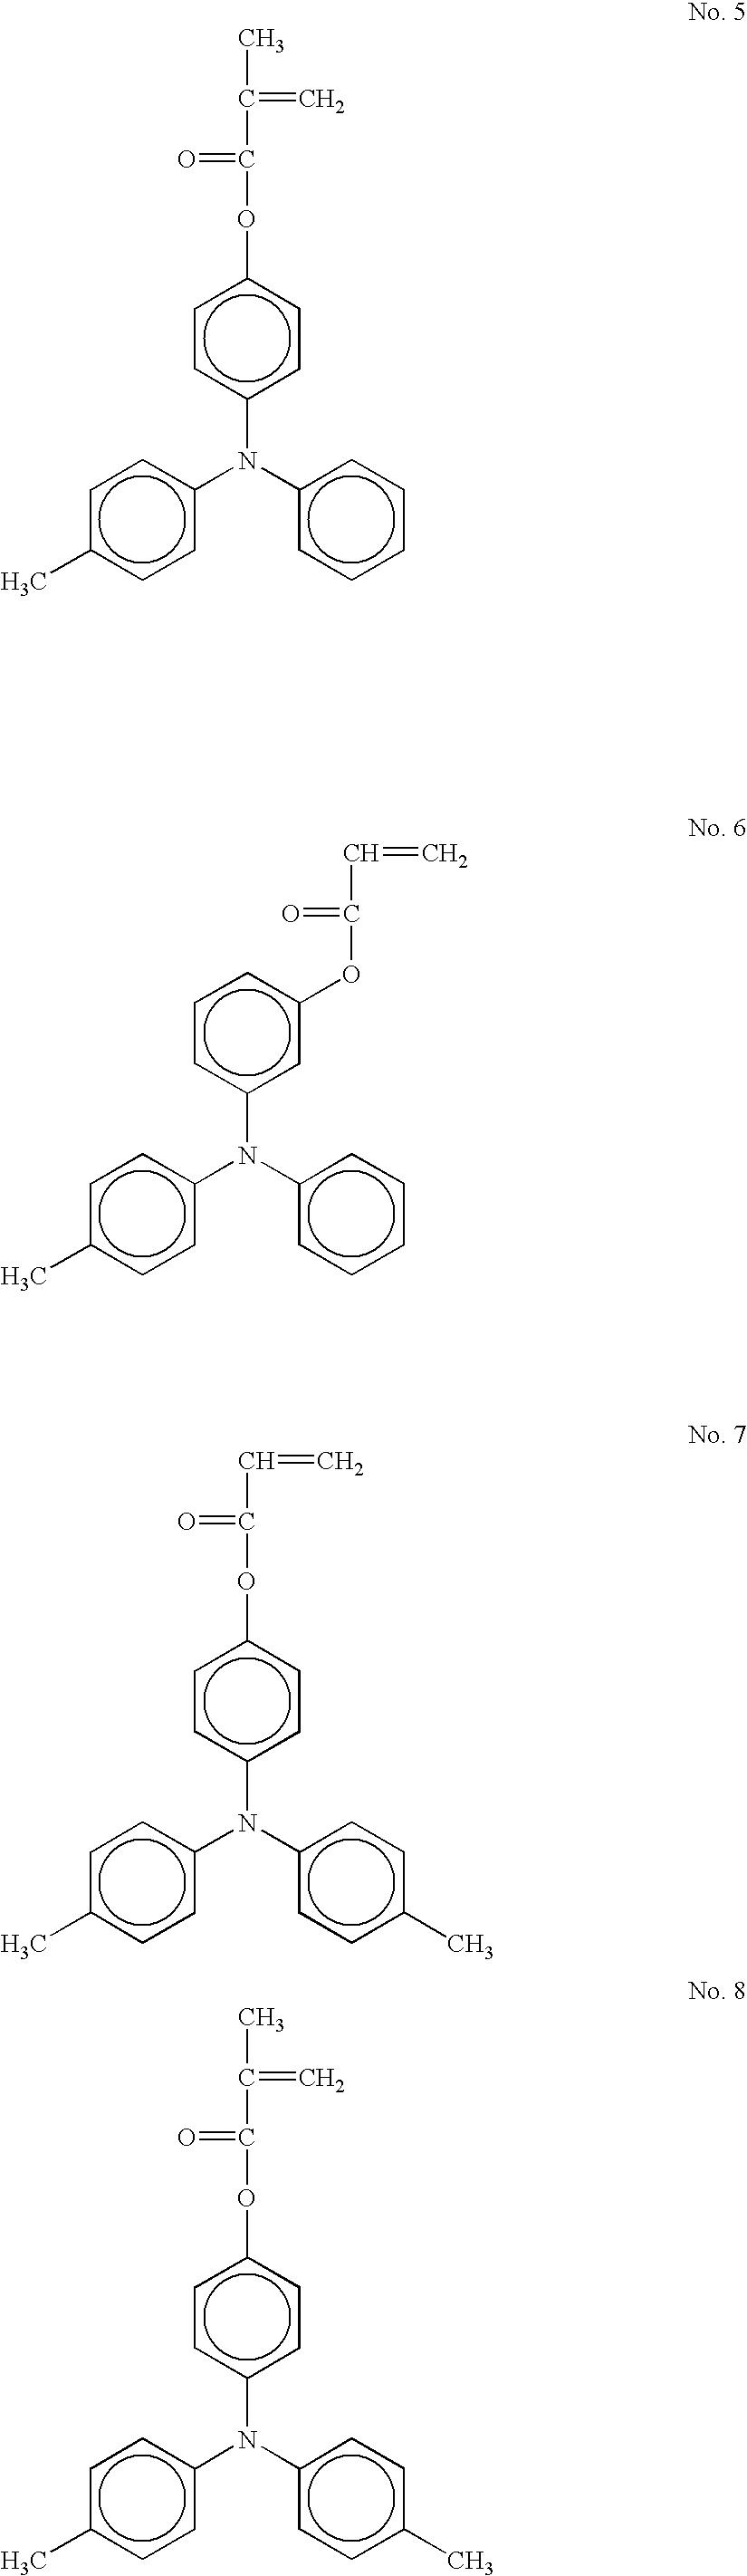 Figure US20060177749A1-20060810-C00020